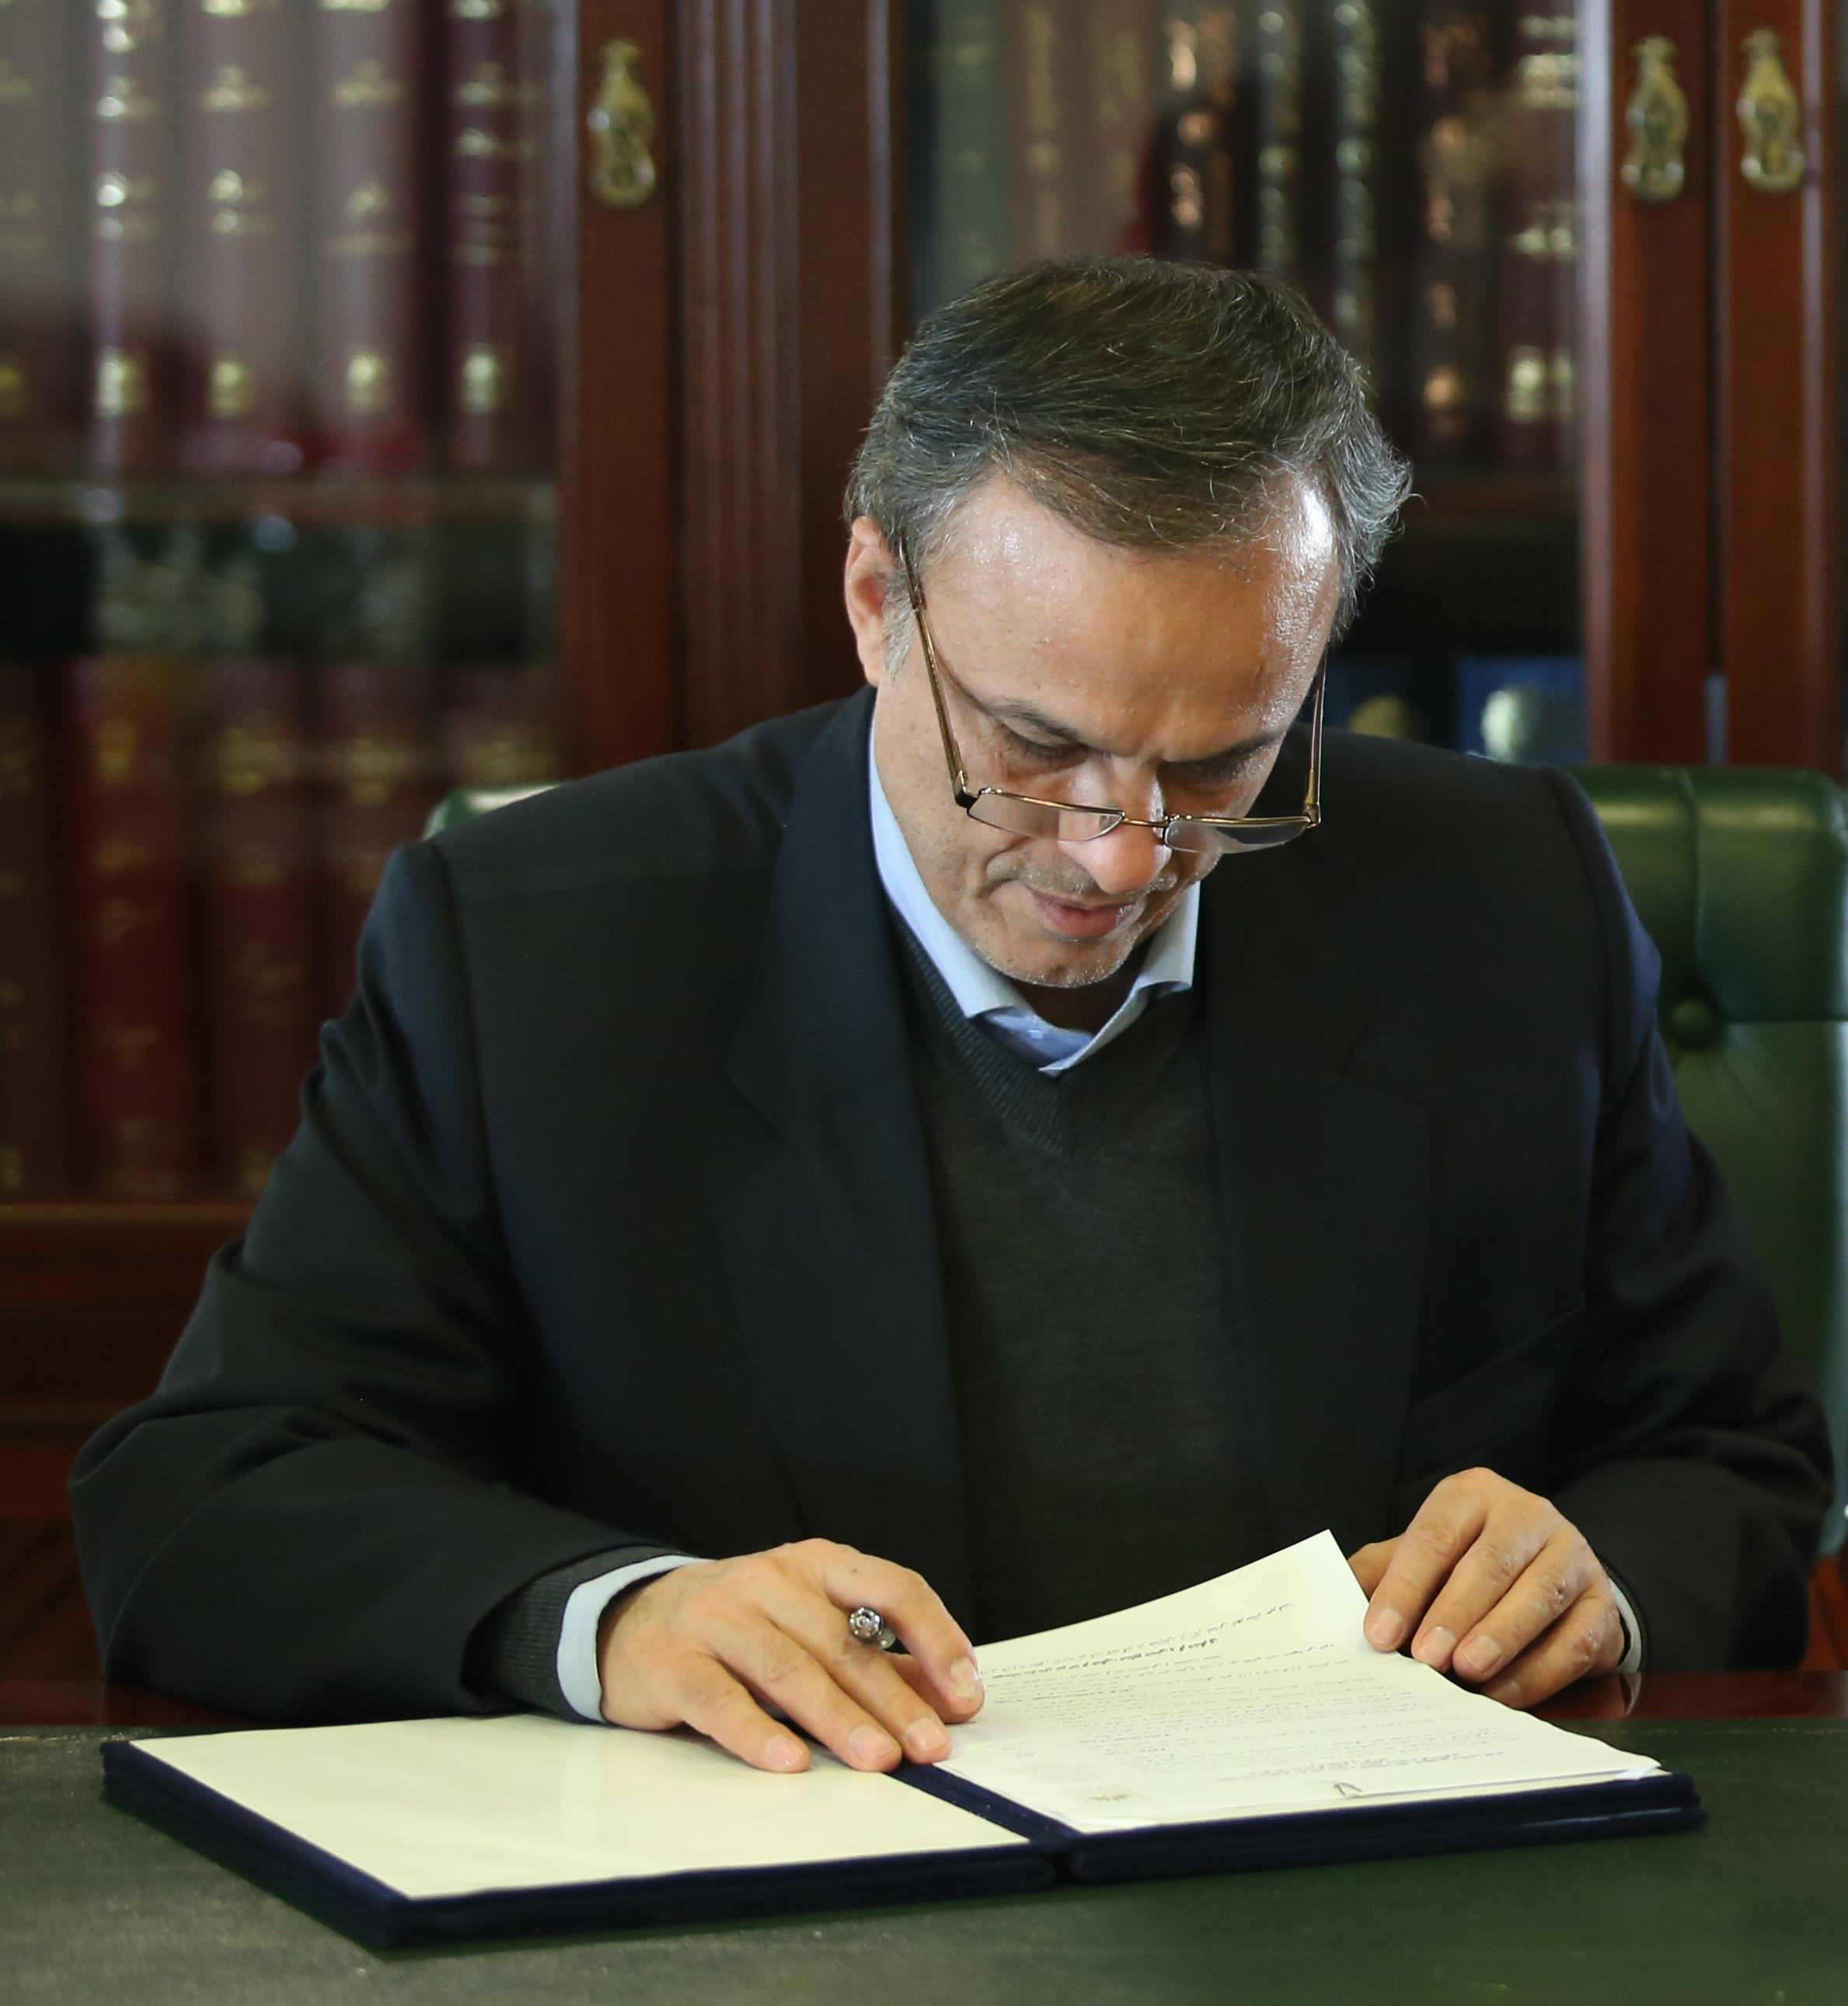 آماده افزایش همکاری اقتصادی کرمان و استرالیا هستیم